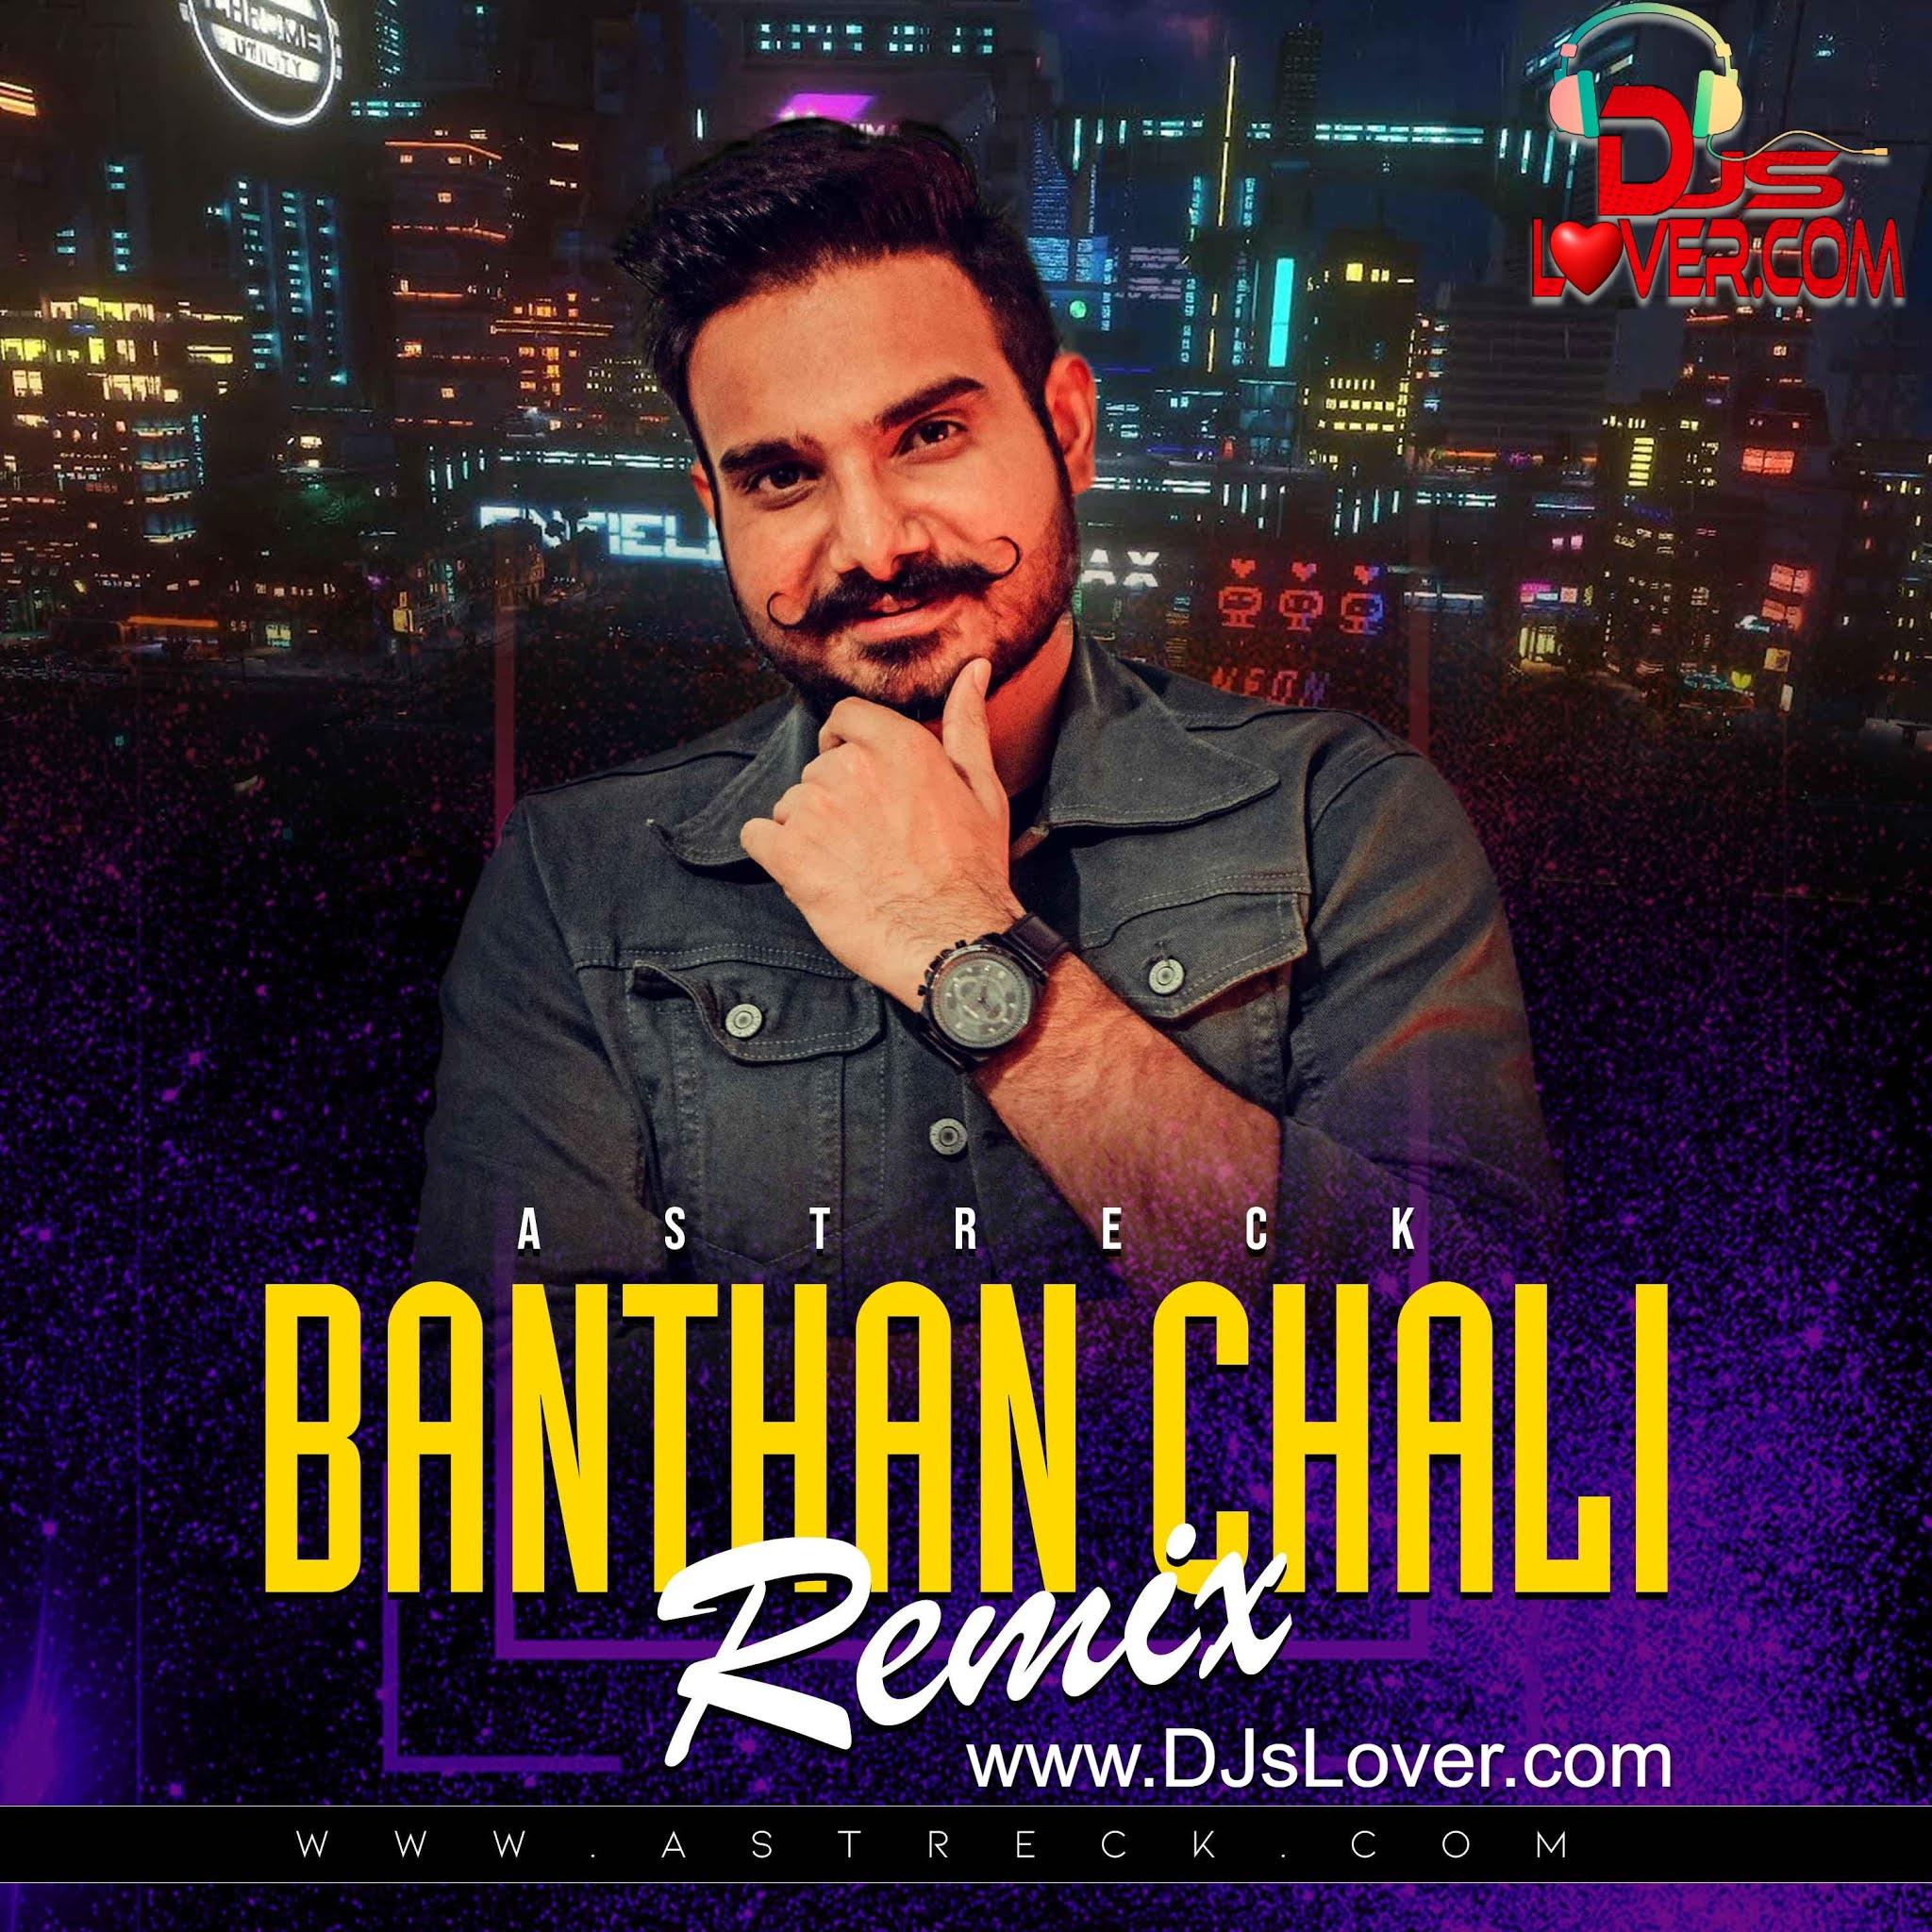 Banthan Chali Remix Astreck 2021